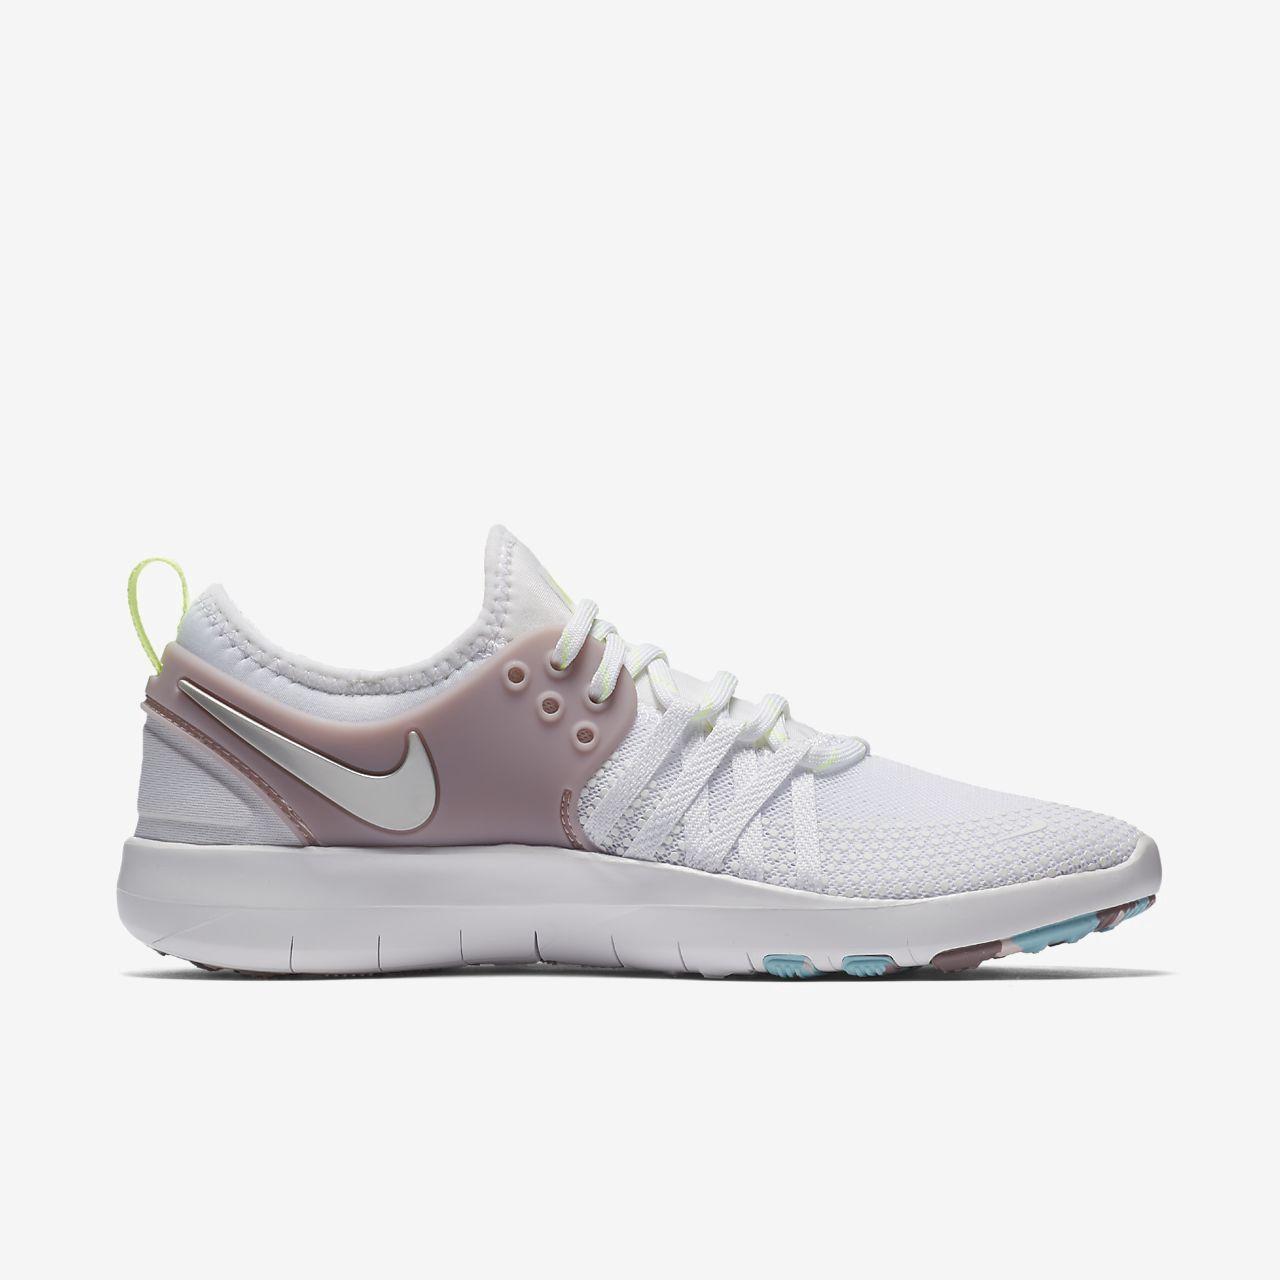 5d6e581a395 Nike Free Tr7 Women s Training Shoe - 8.5